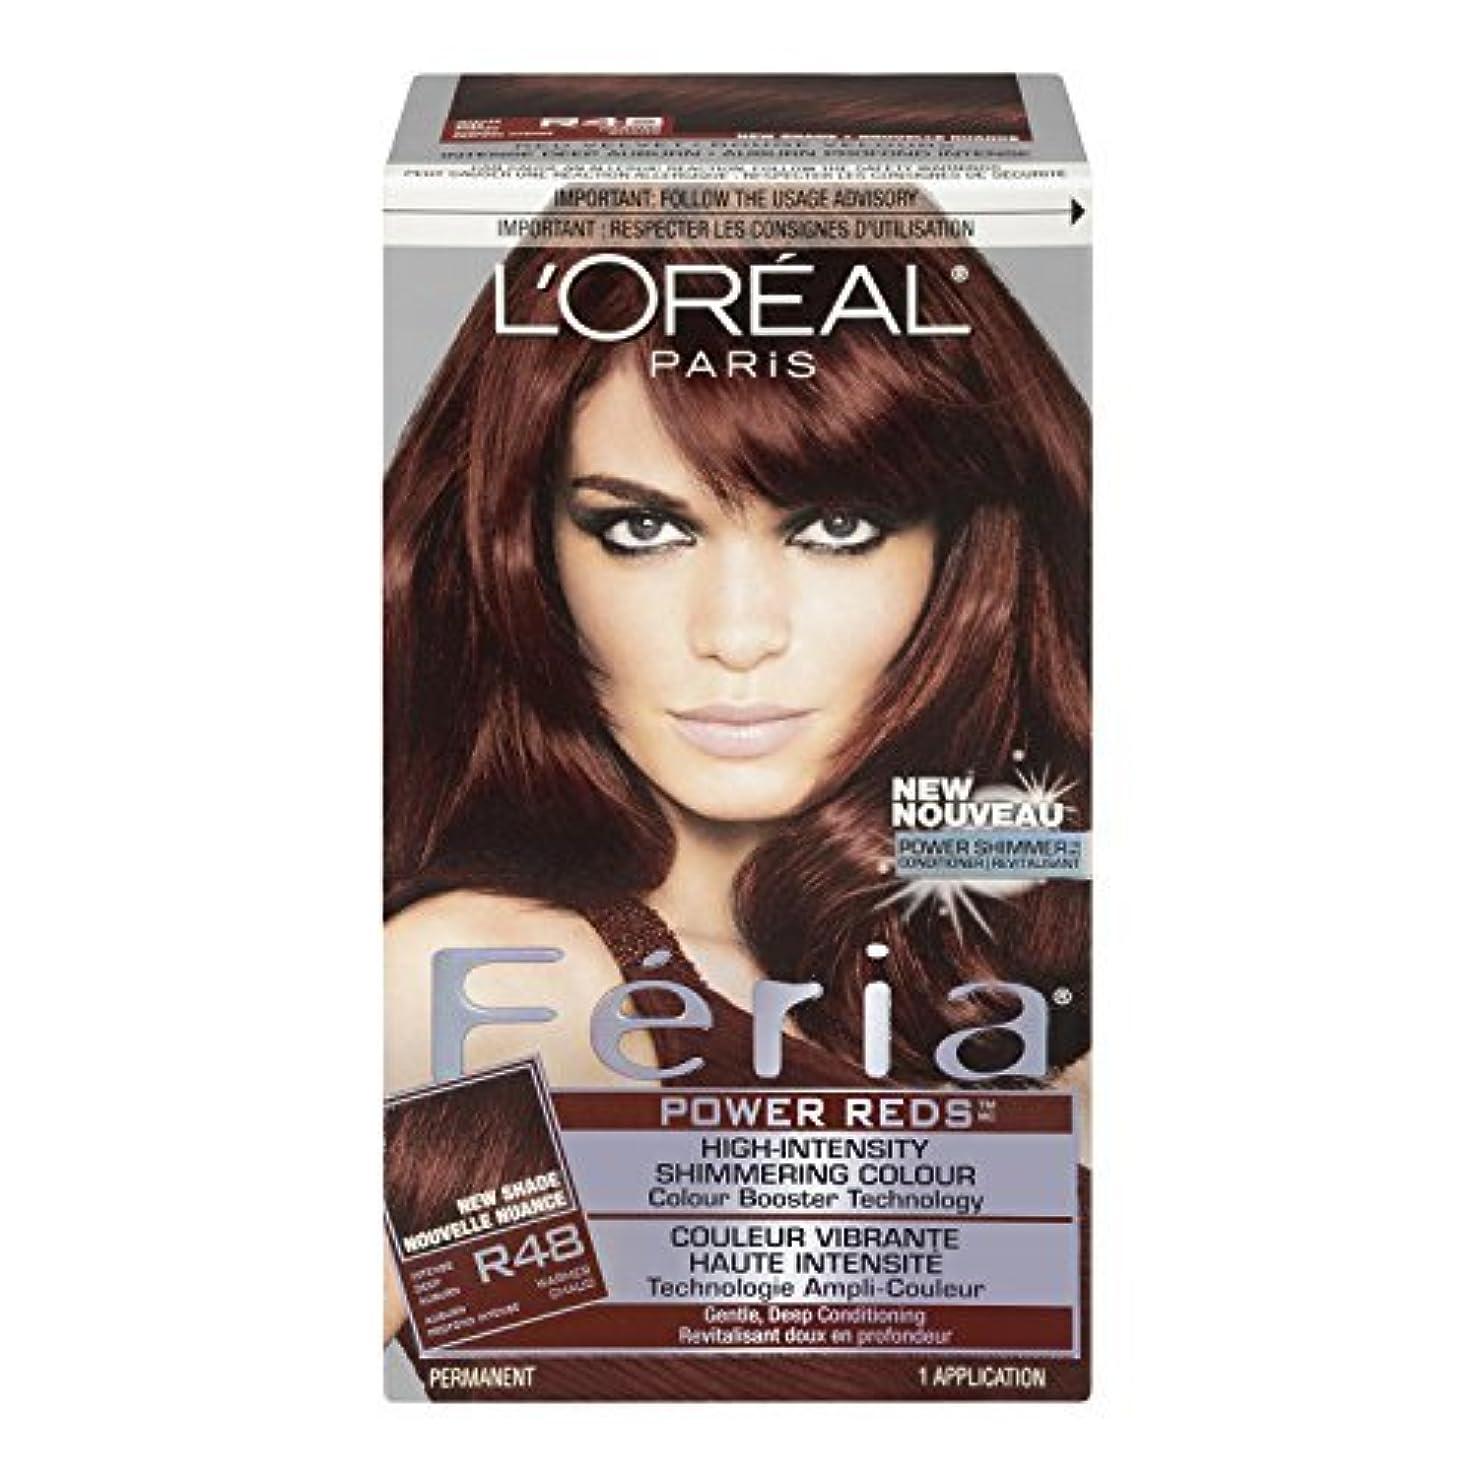 コントローラ独裁コーチL'Oreal Feria Power Reds Hair Color, R48 Intense Deep Auburn/Red Velvet by L'Oreal Paris Hair Color [並行輸入品]